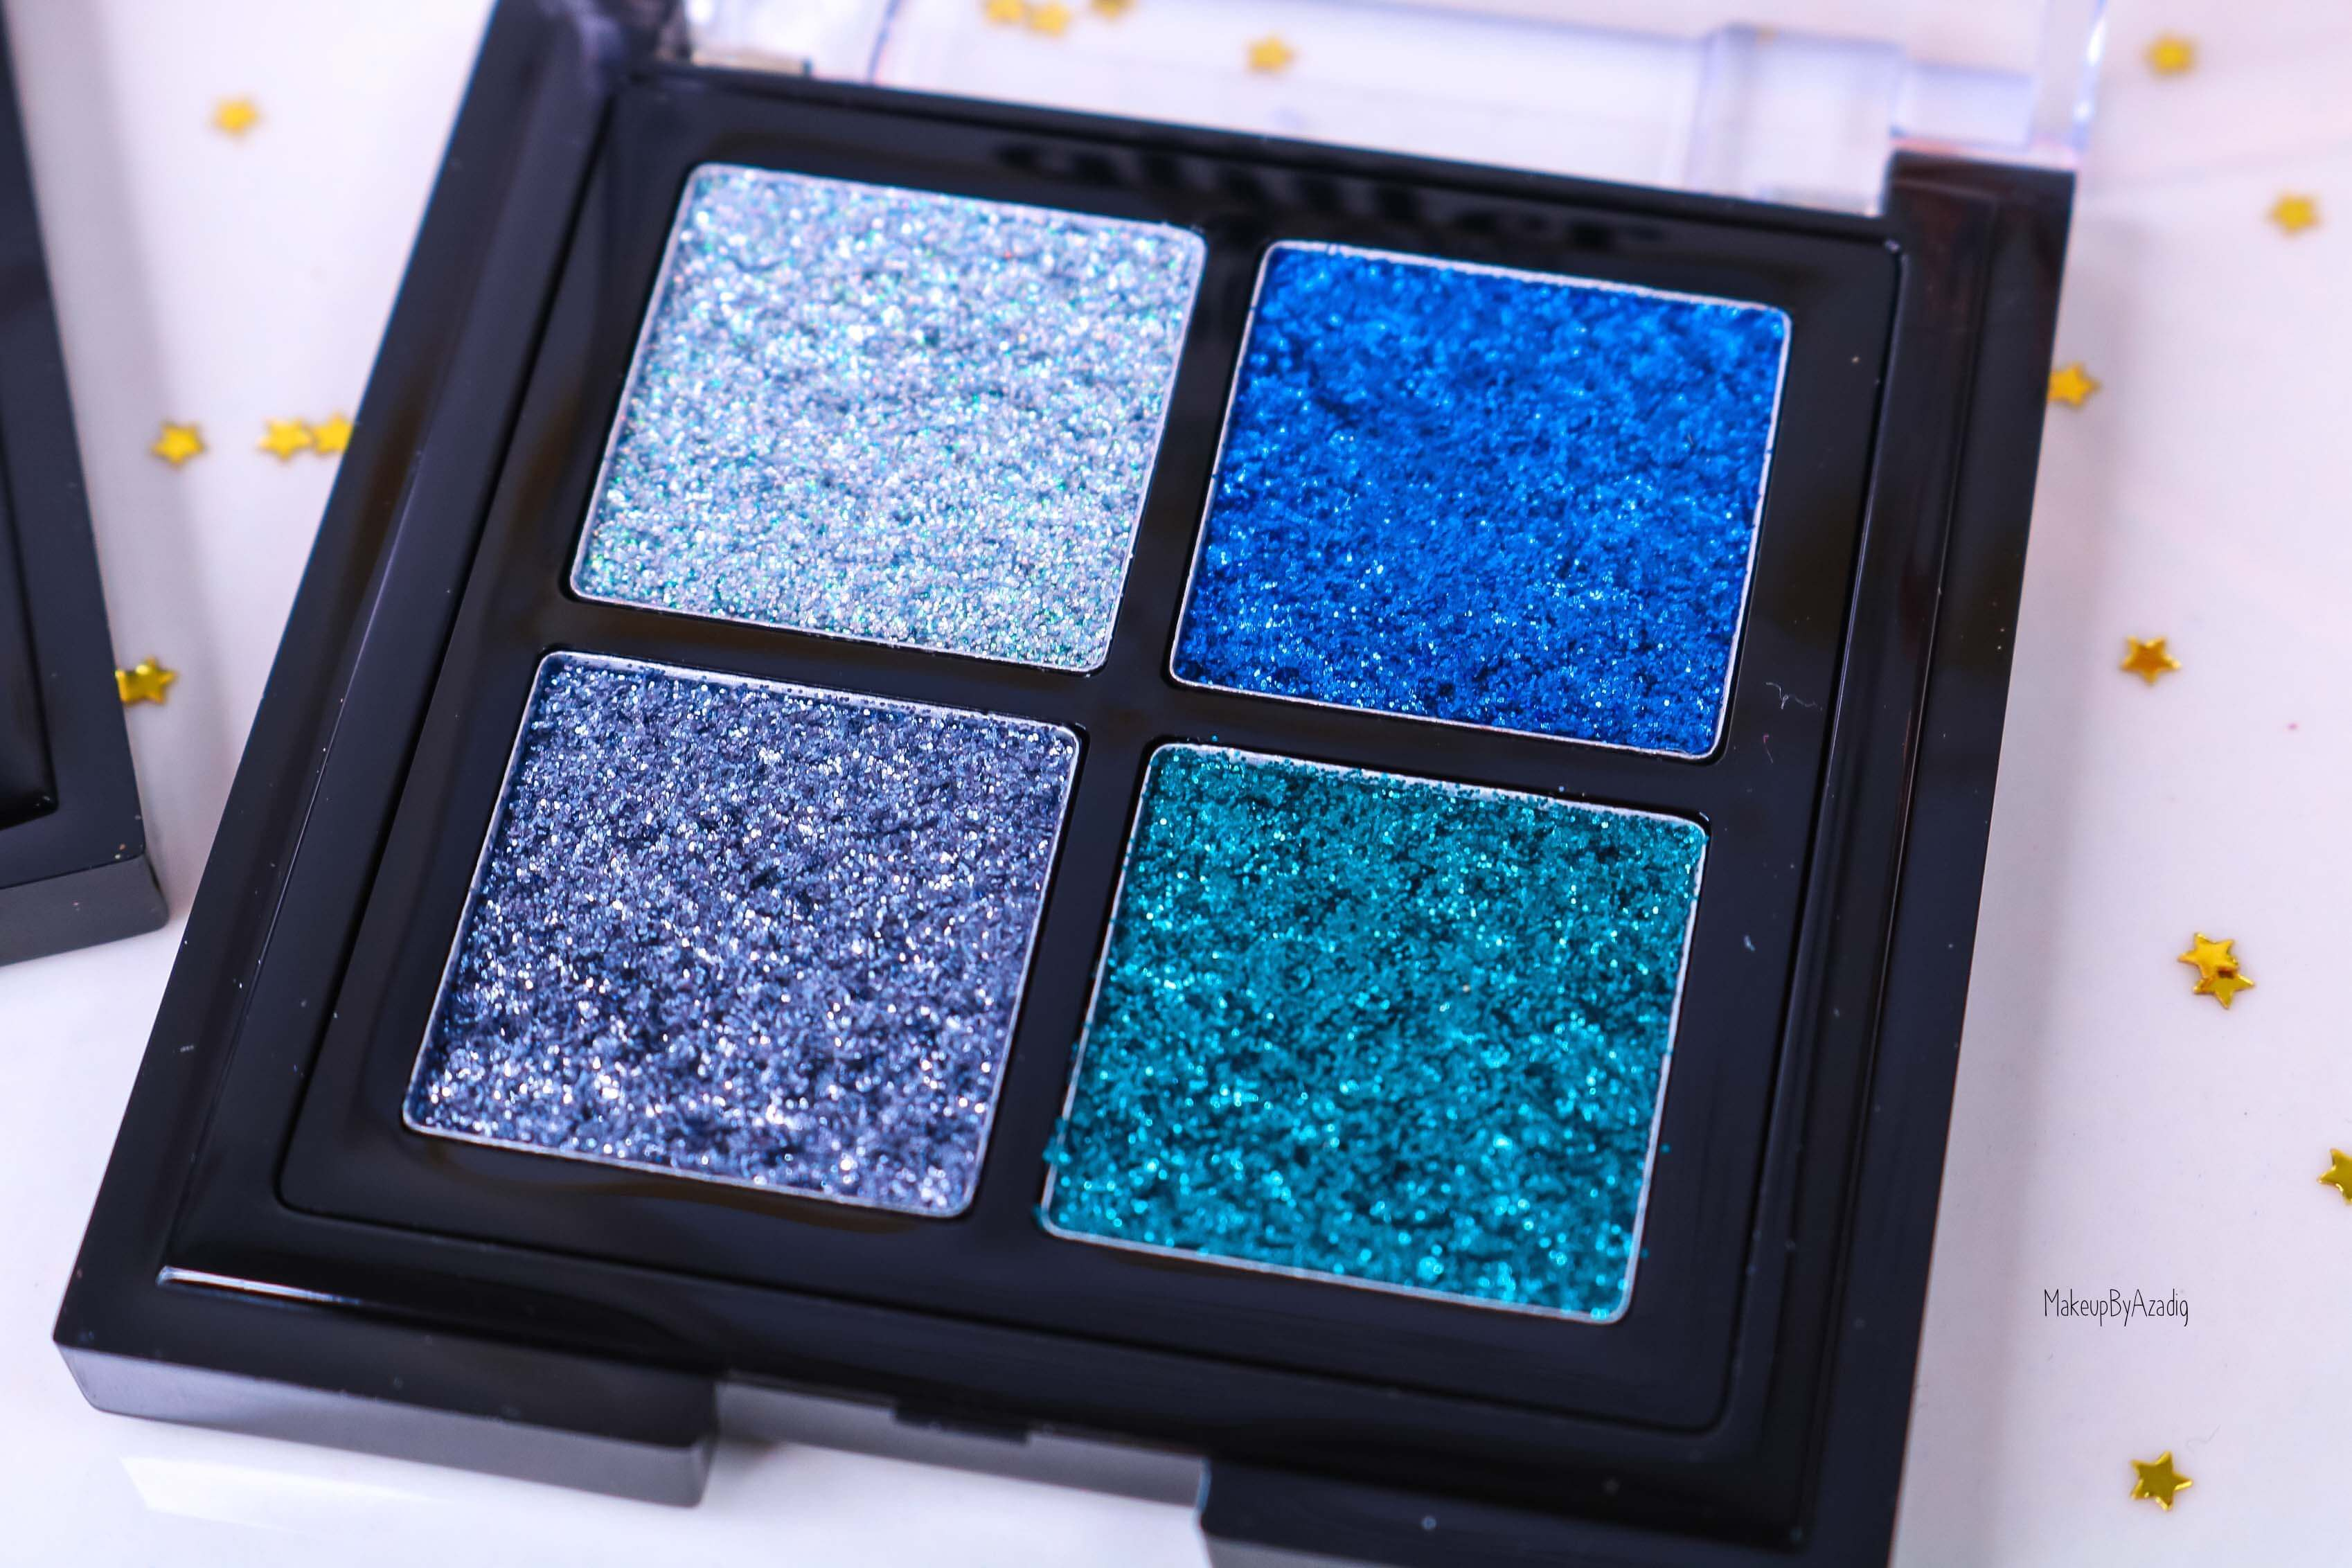 revue-palette-glitter-goals-nyx-professional-makeup-festival-coachella-avis-prix-paillette-makeupbyazadig-galactica-glacier-blue